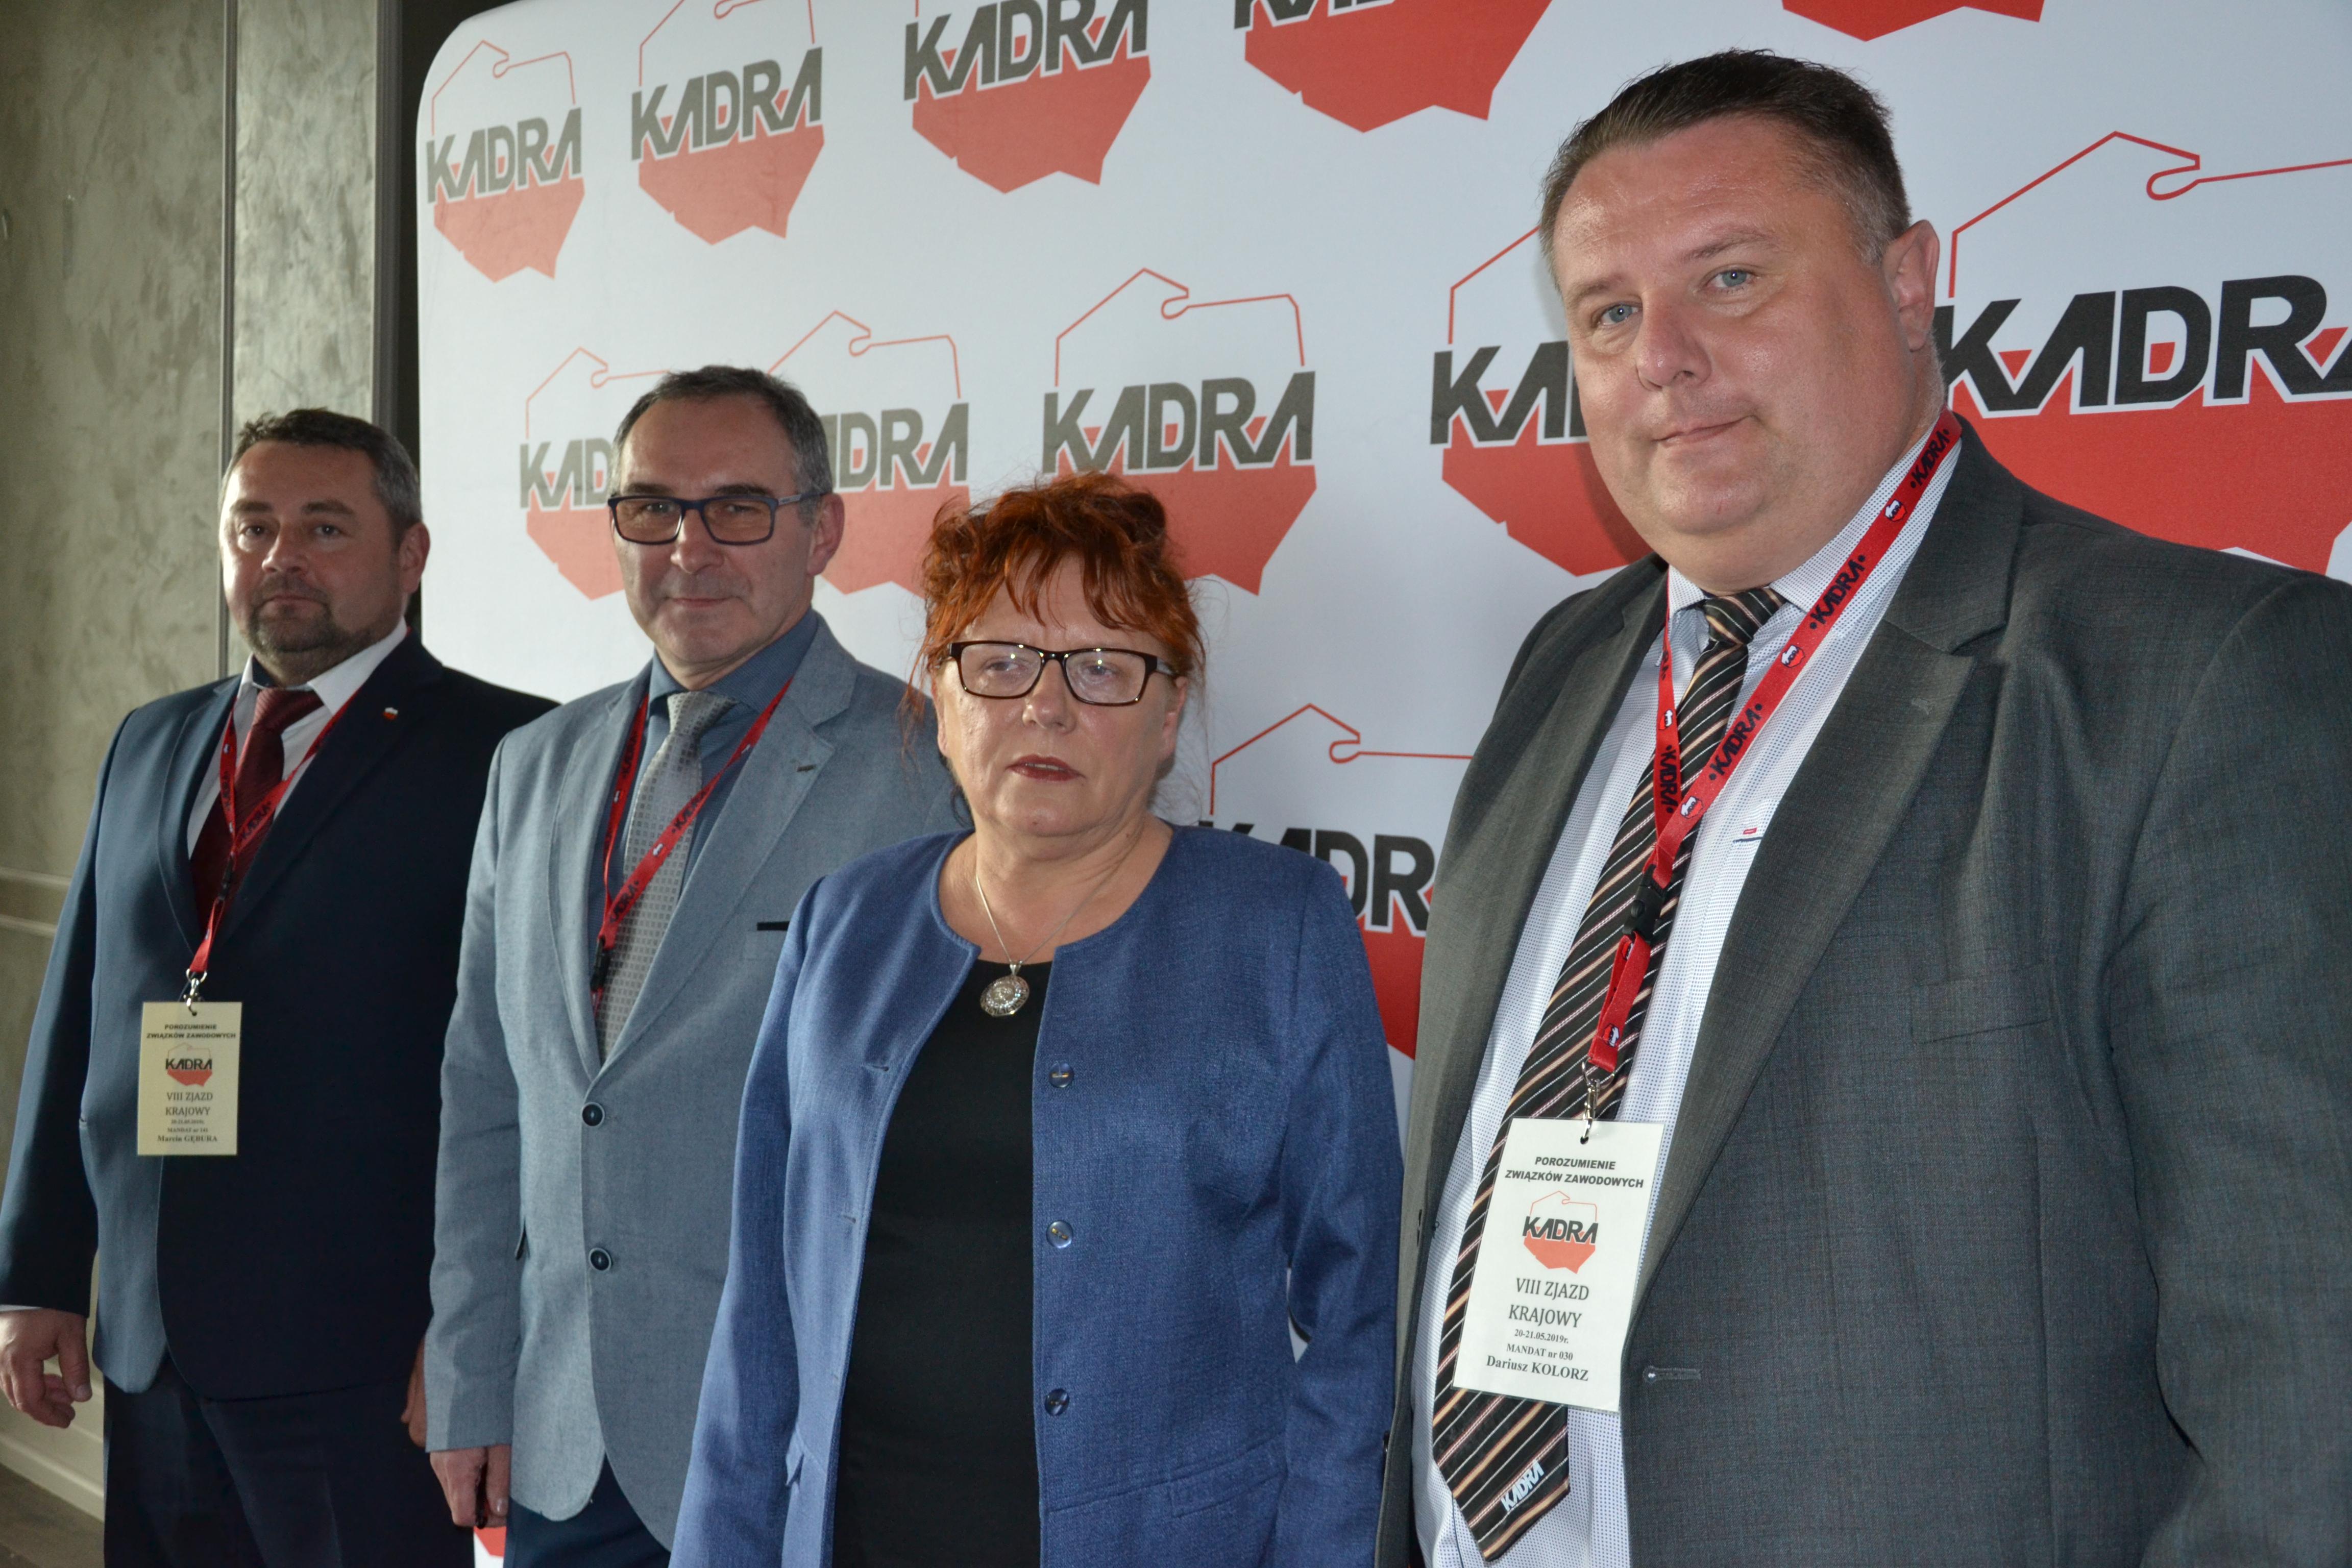 Na zdjęciu od prawej strony: Dariusz Kolorz, Barbara Mierzejewska, Marek Wyszka, Marcin Gębura.